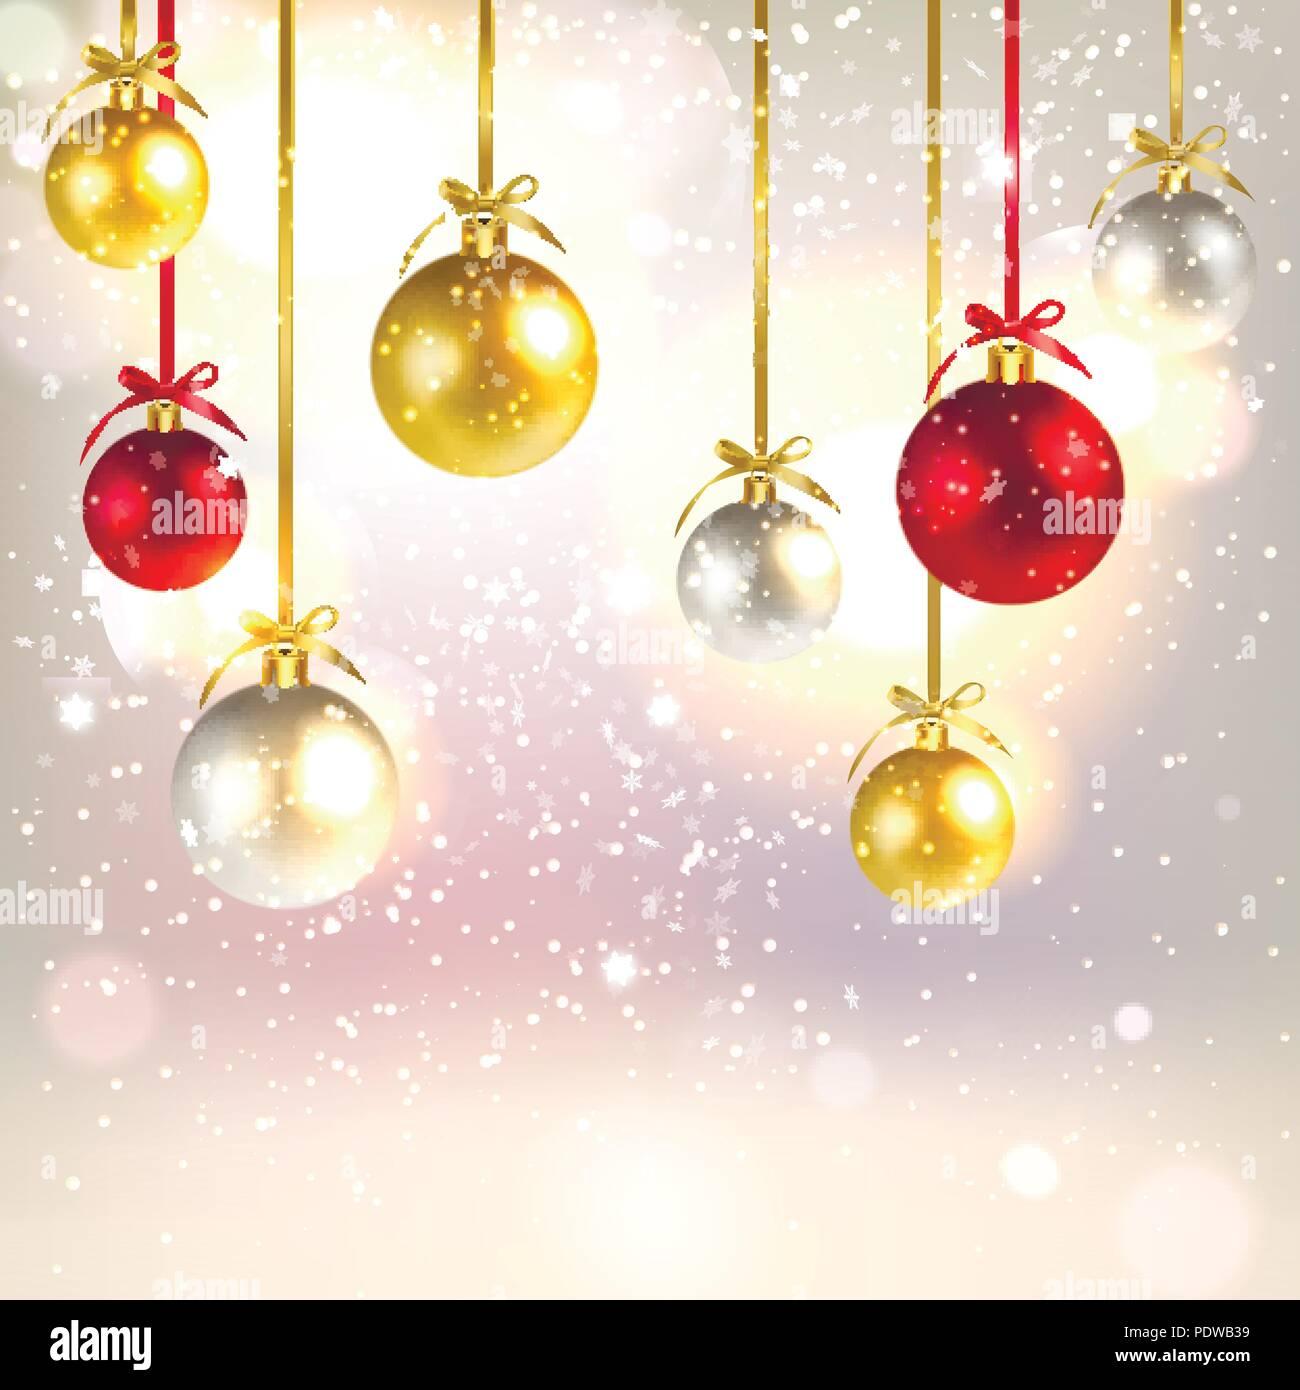 Image Brillante De Noel.Voeux De Noel Arriere Plan Avec Des Boules De Noel